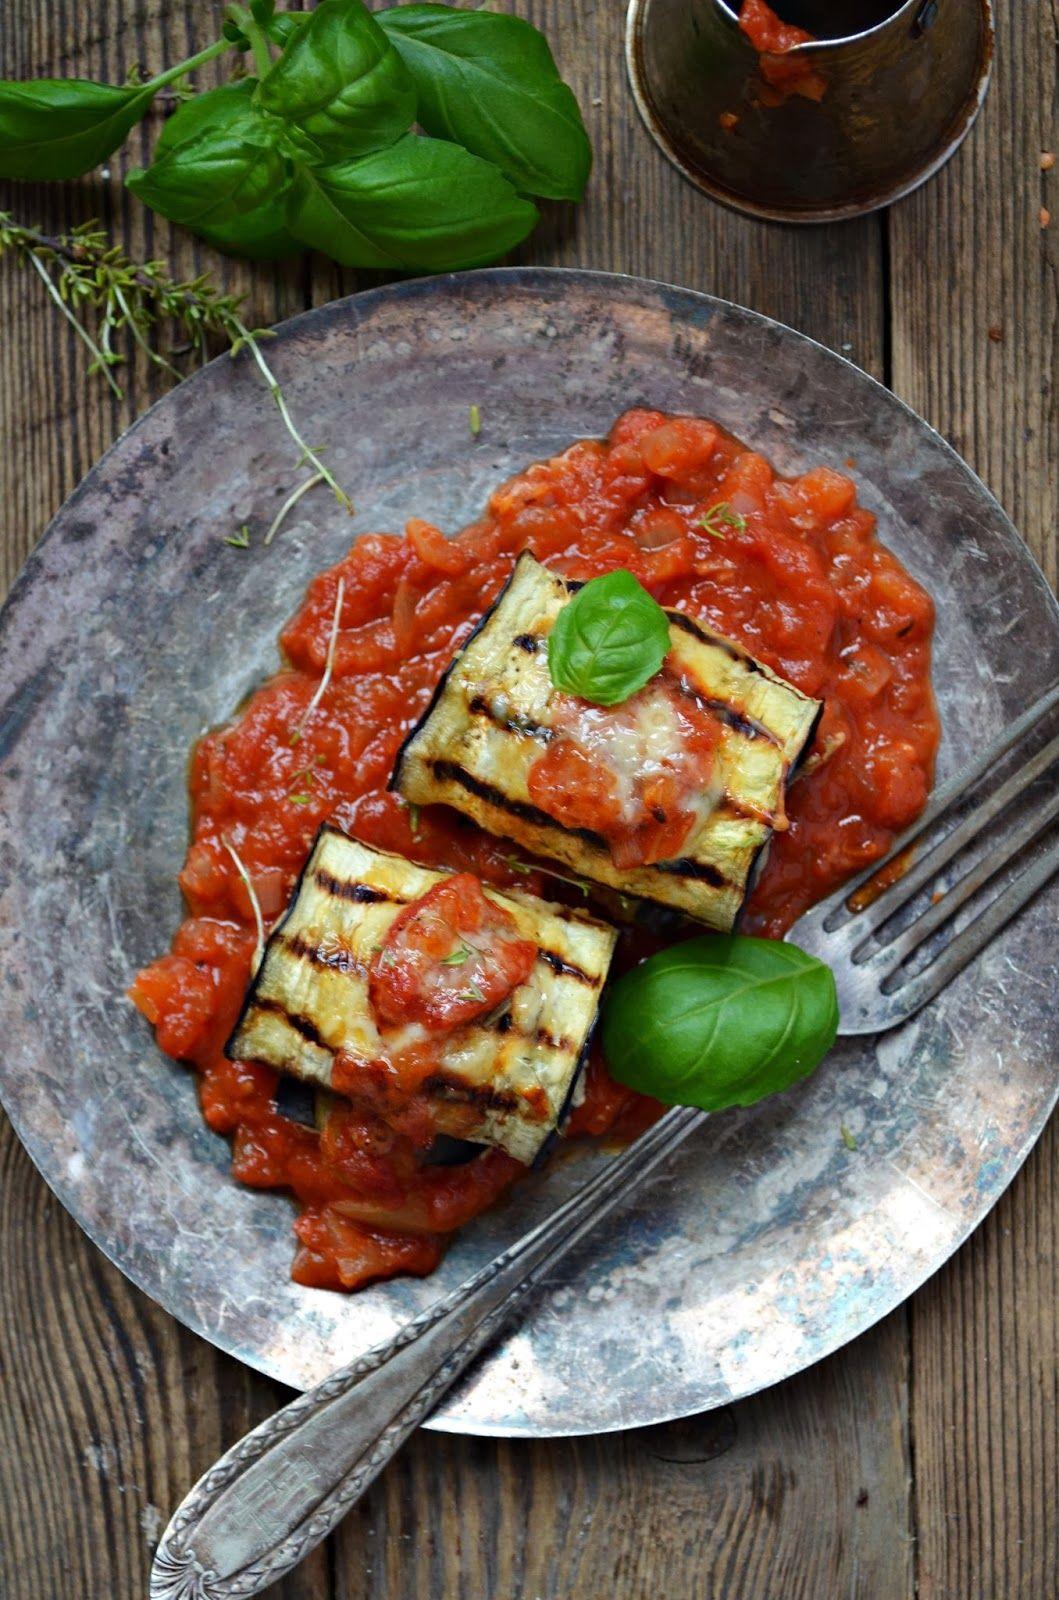 Kuchnia w zieleni: Bakłażan faszerowany mięsem mielonym